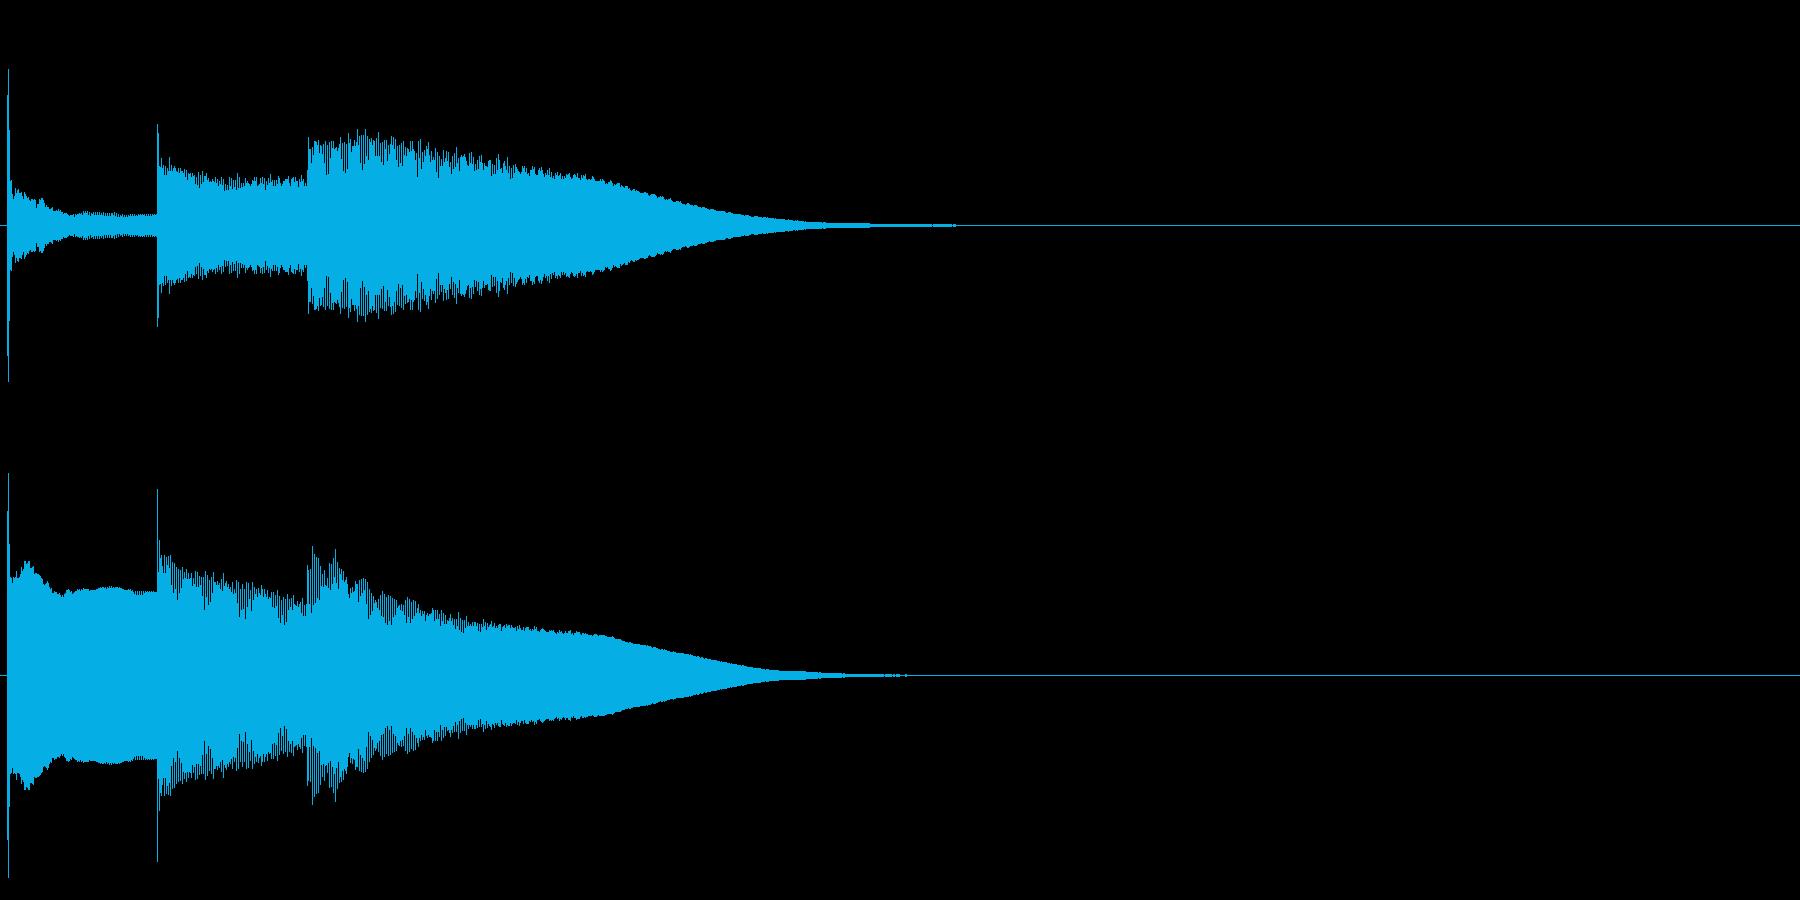 グロッケン系 決定音09(長三和音)の再生済みの波形